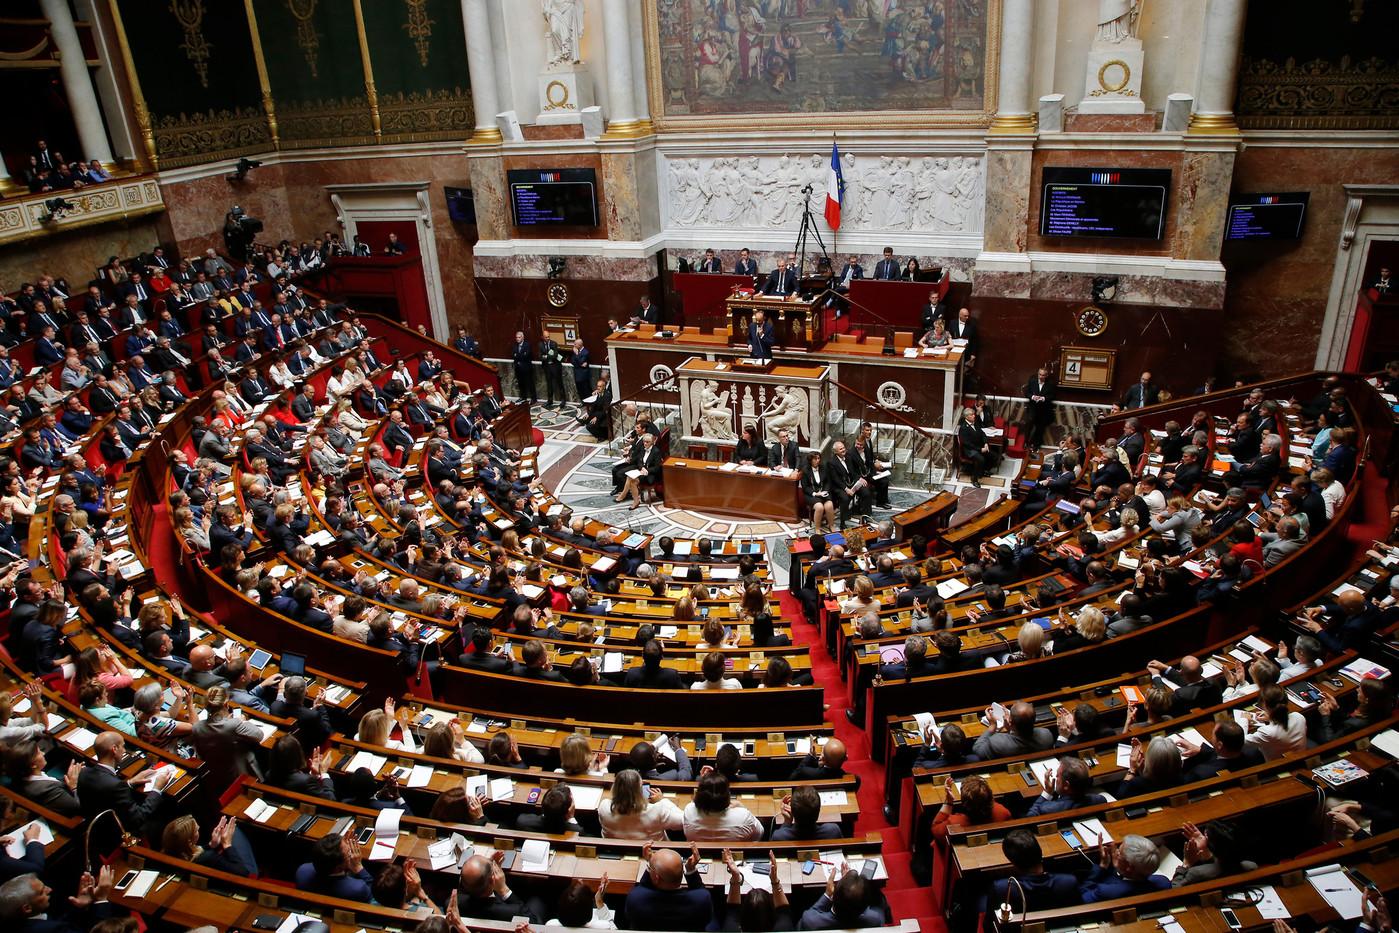 Assemblée nationale / Les députés dans l'hémicycle